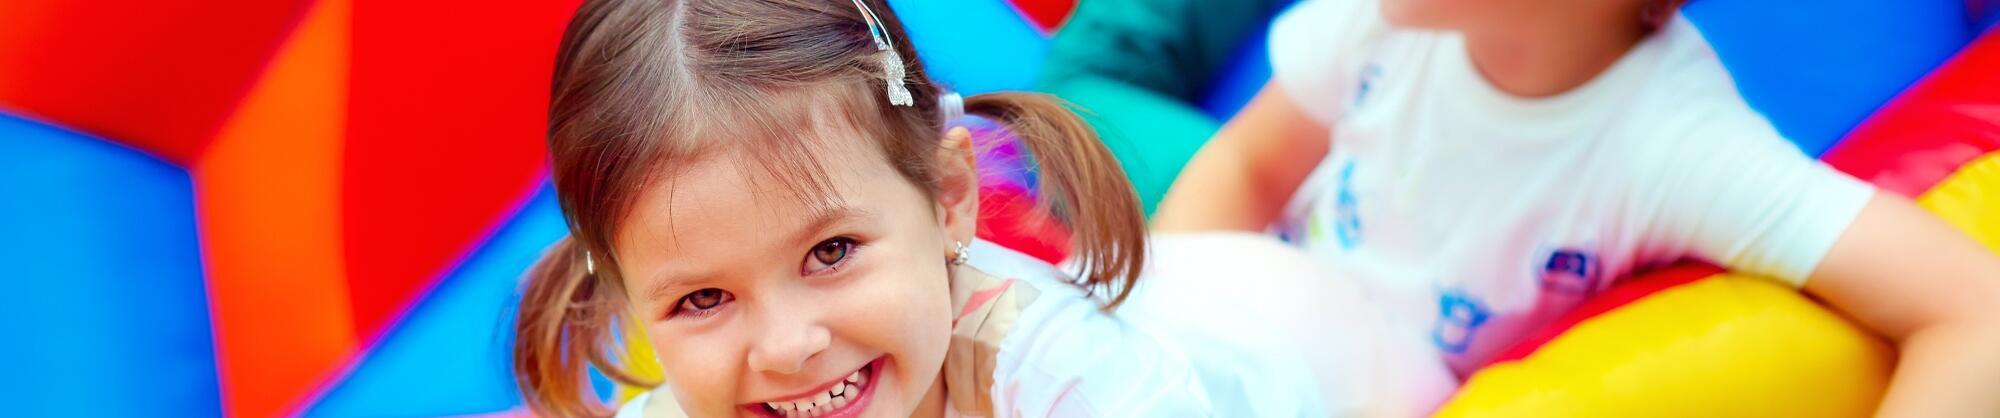 Offerta Settembre a Rimini: bambini gratis in formula villaggio. Smile Family Hotels...IL SORRISO